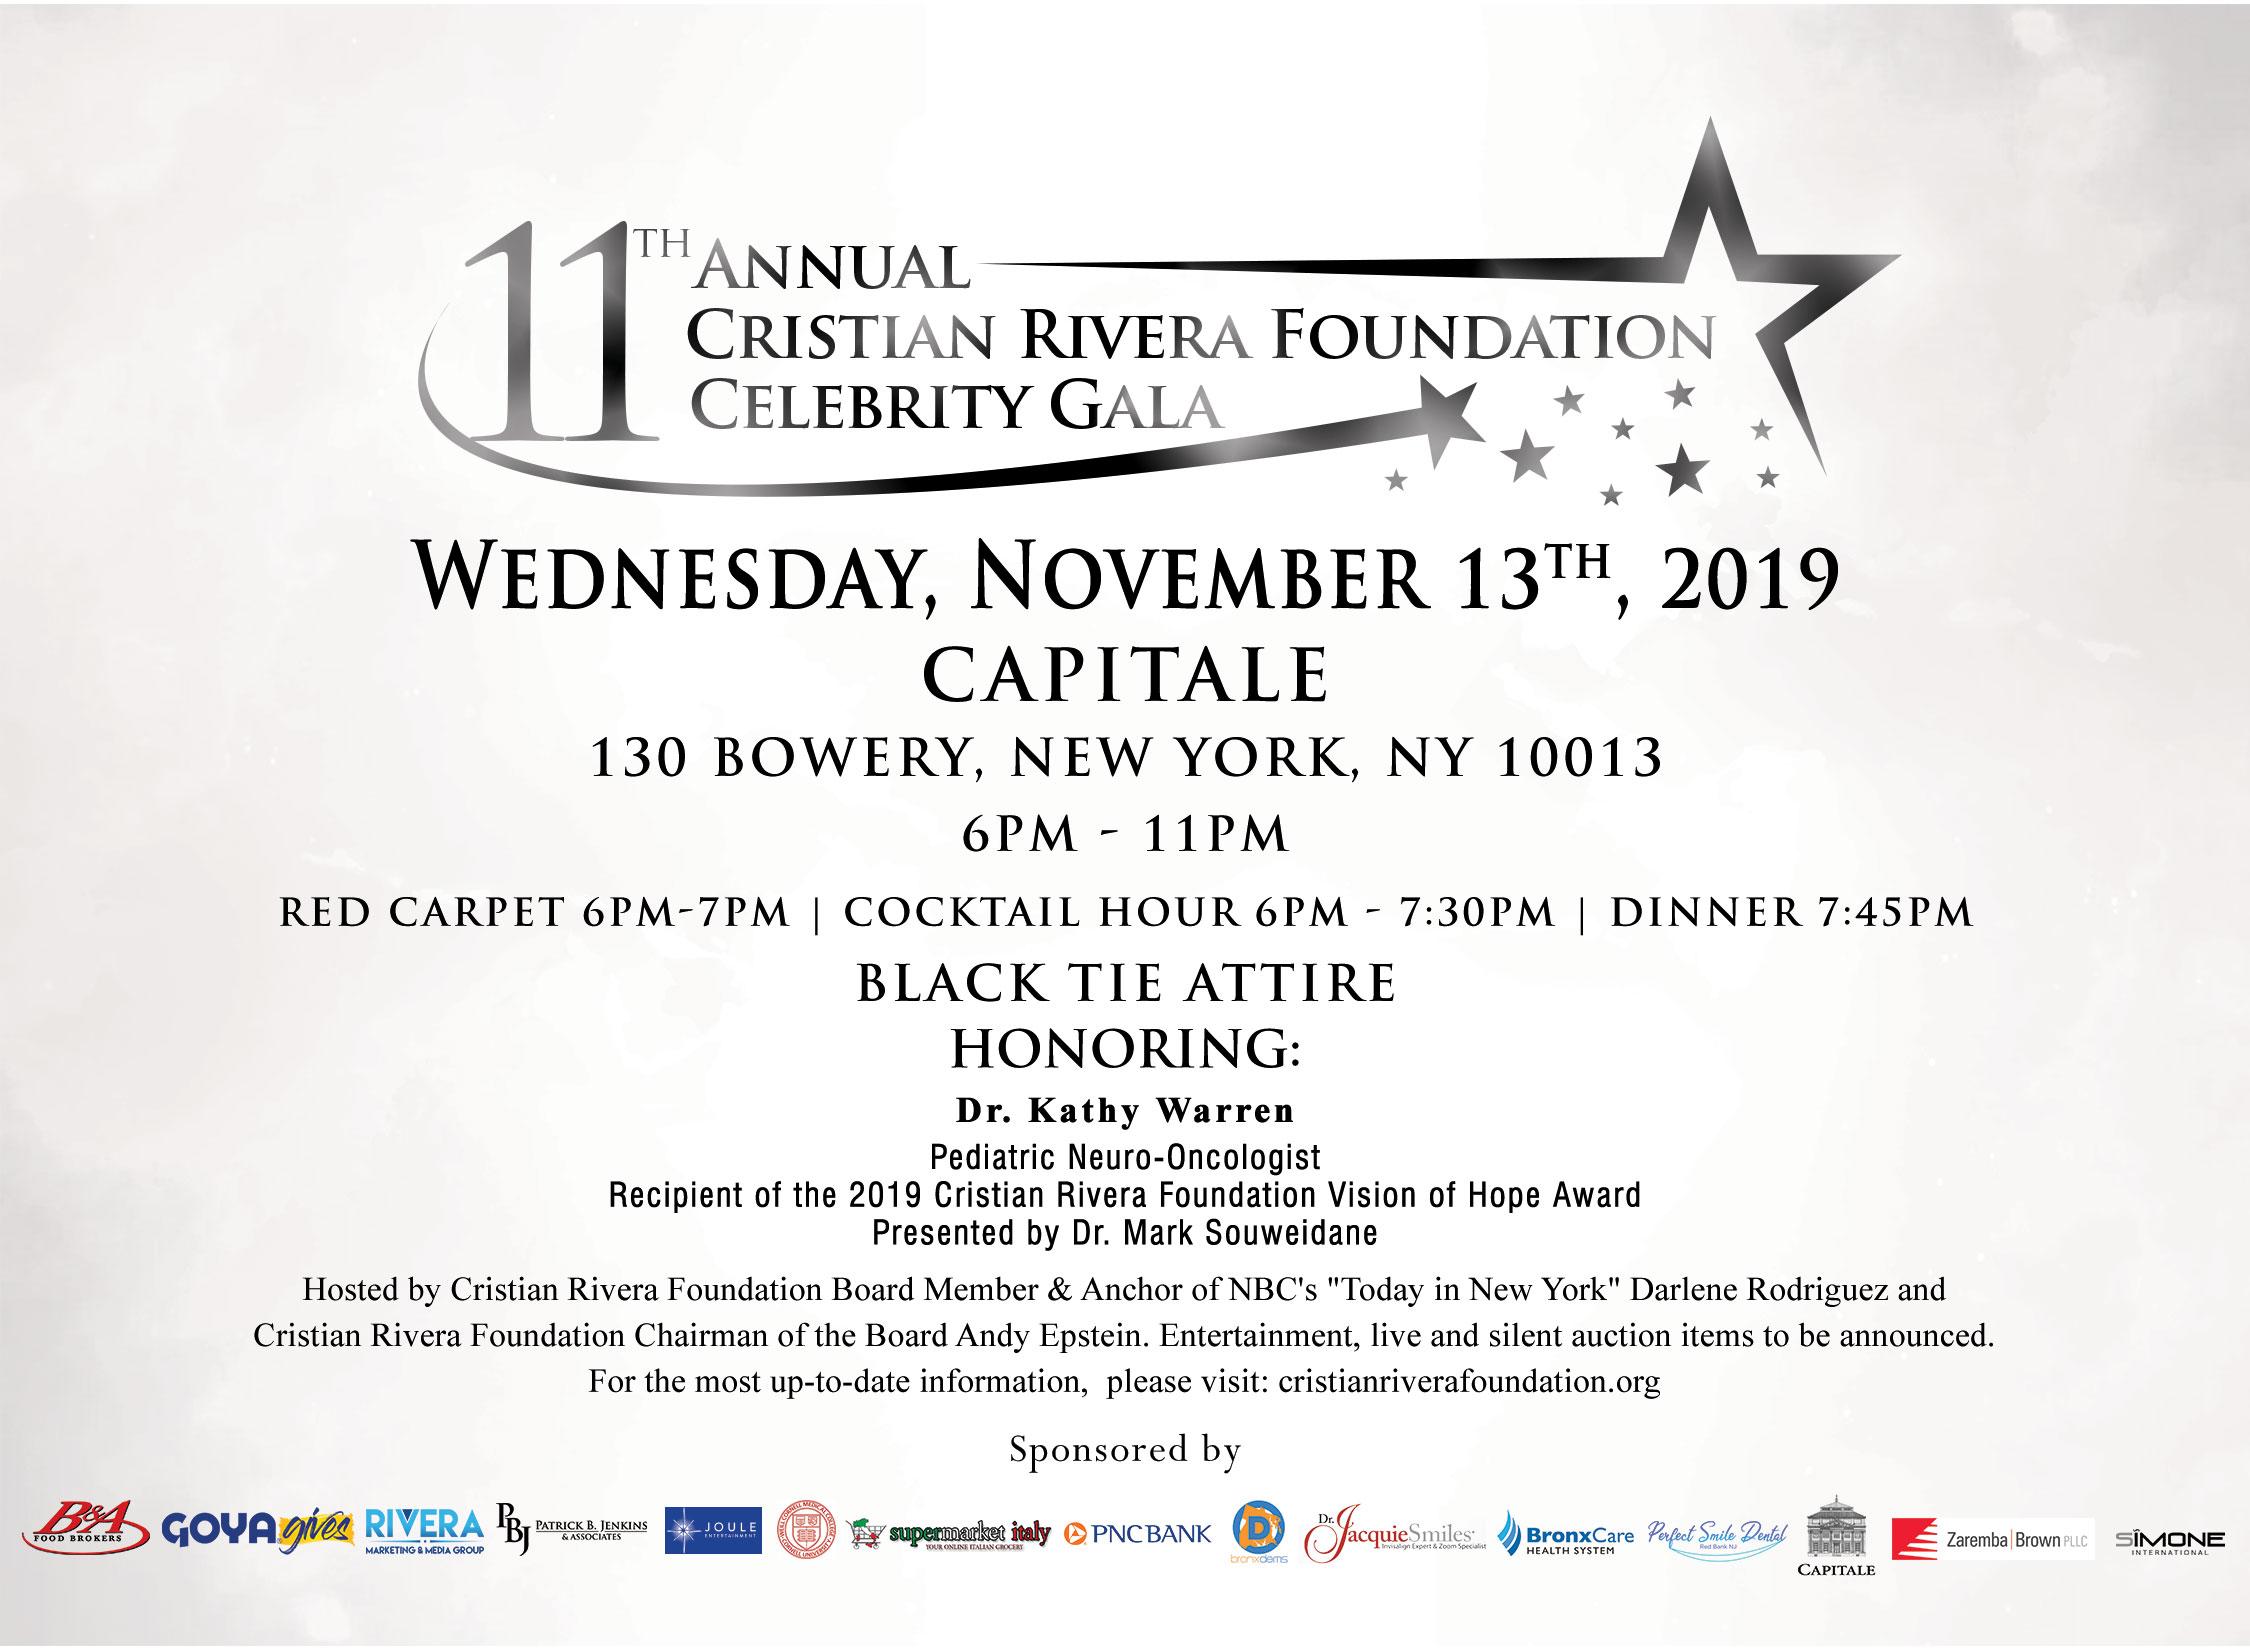 11th Annual Cristian RIvera Foundation Celebrity Gala